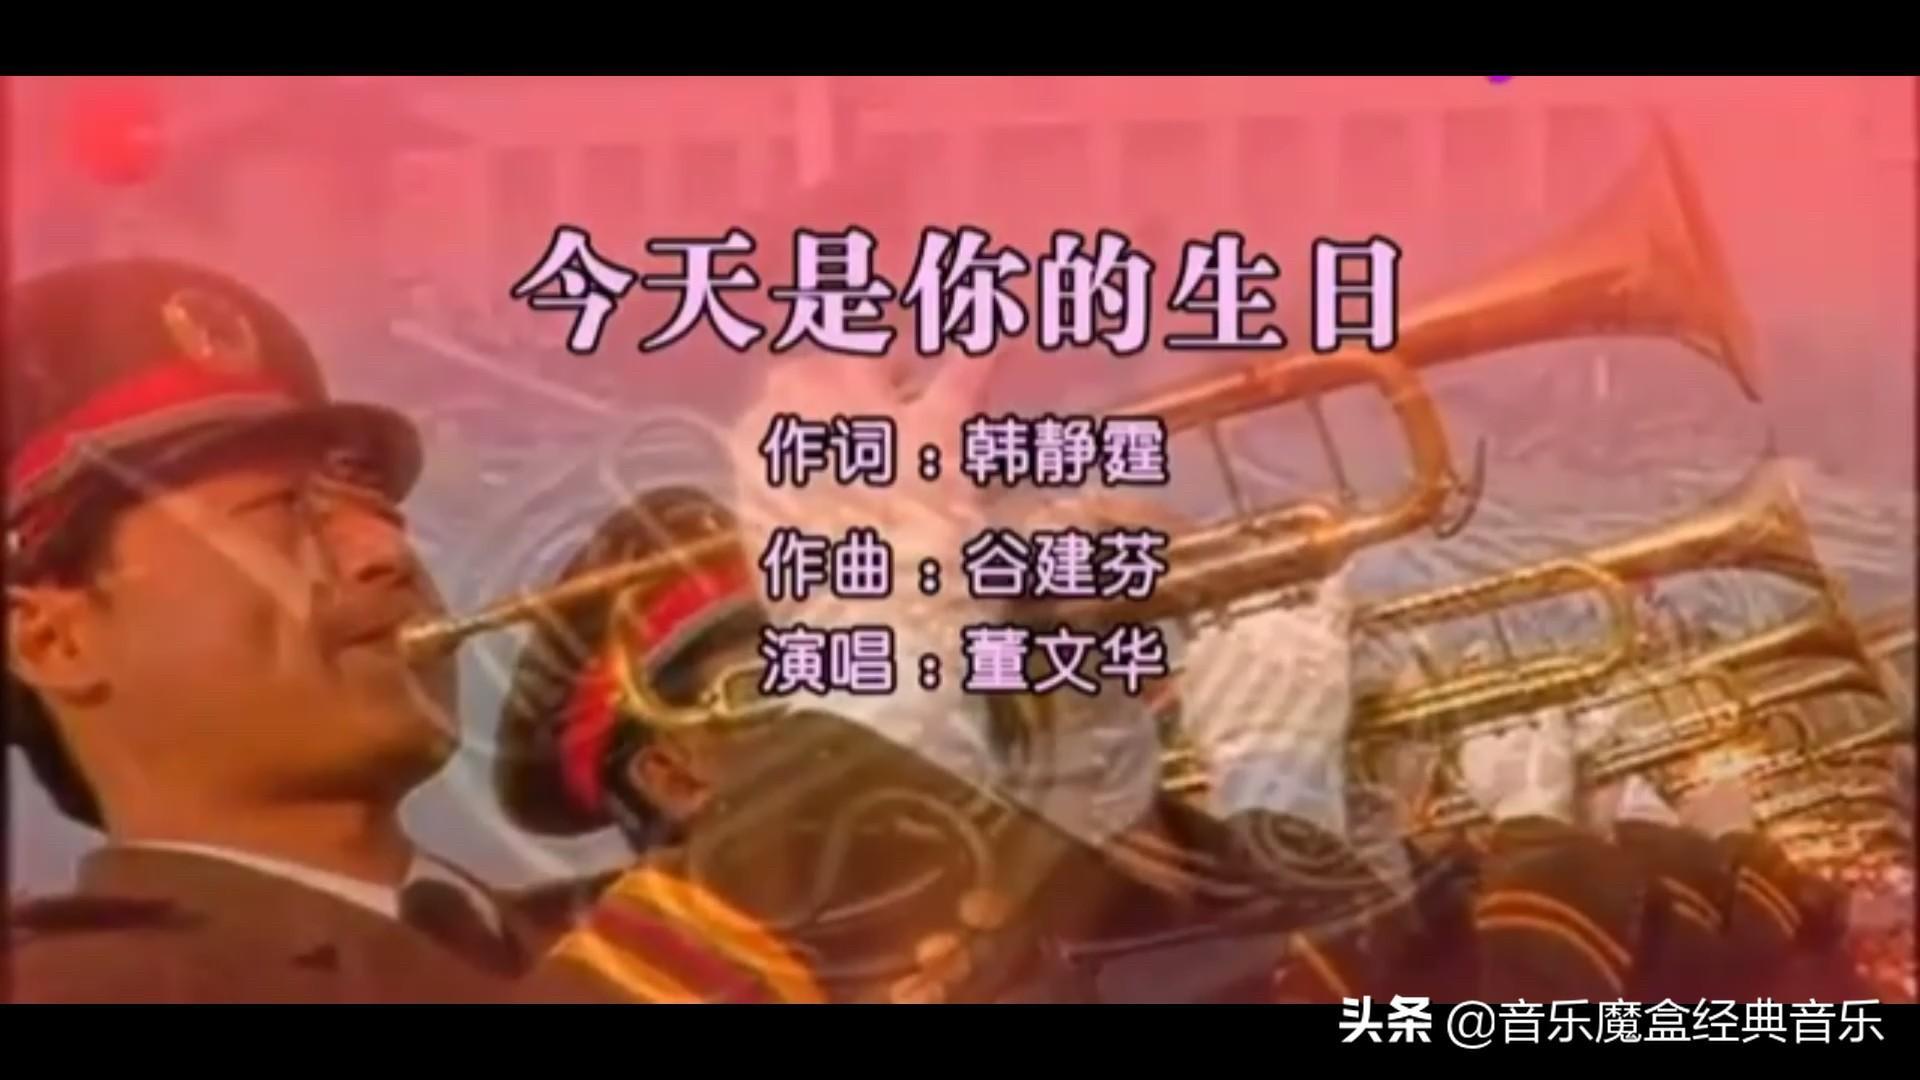 董文华演唱《今天是你的生日》